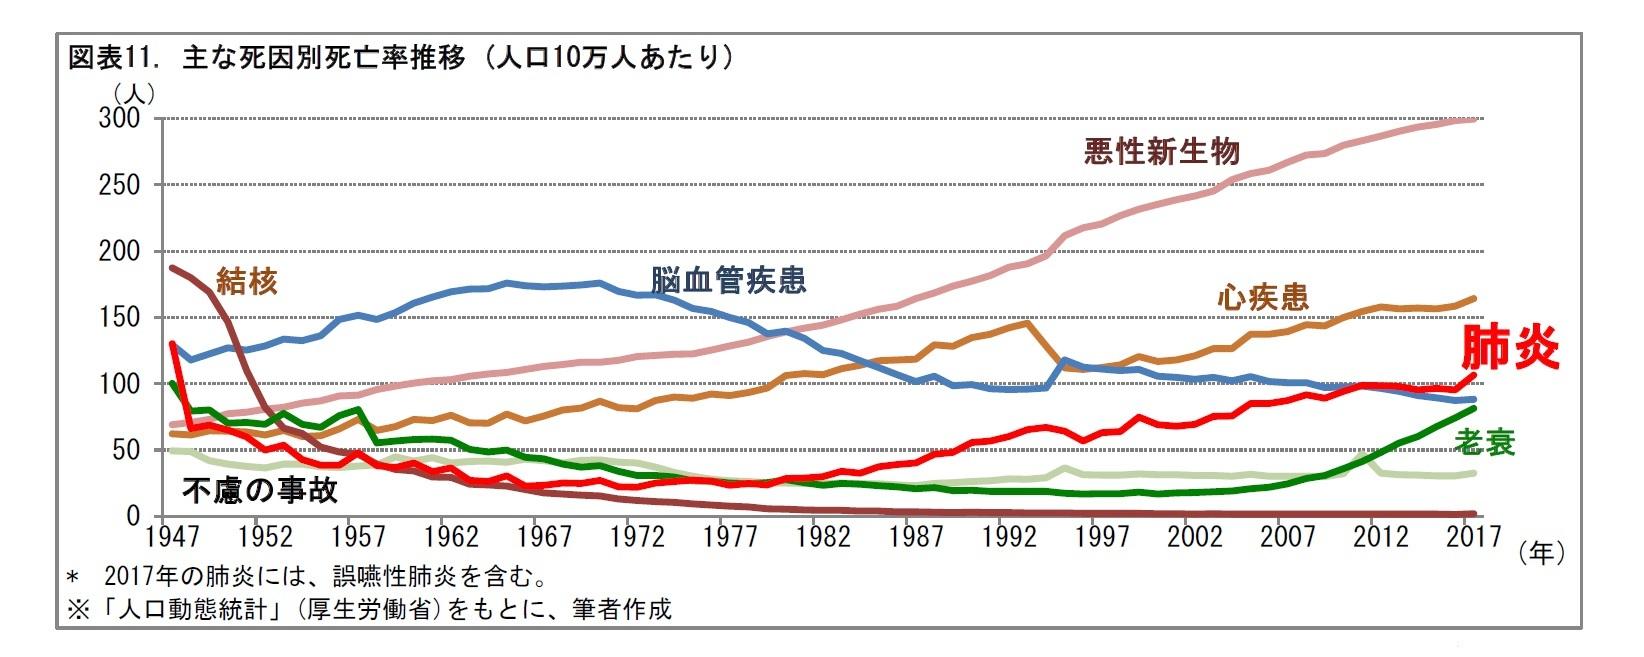 図表11. 主な死因別死亡率推移 (人口10万人あたり)